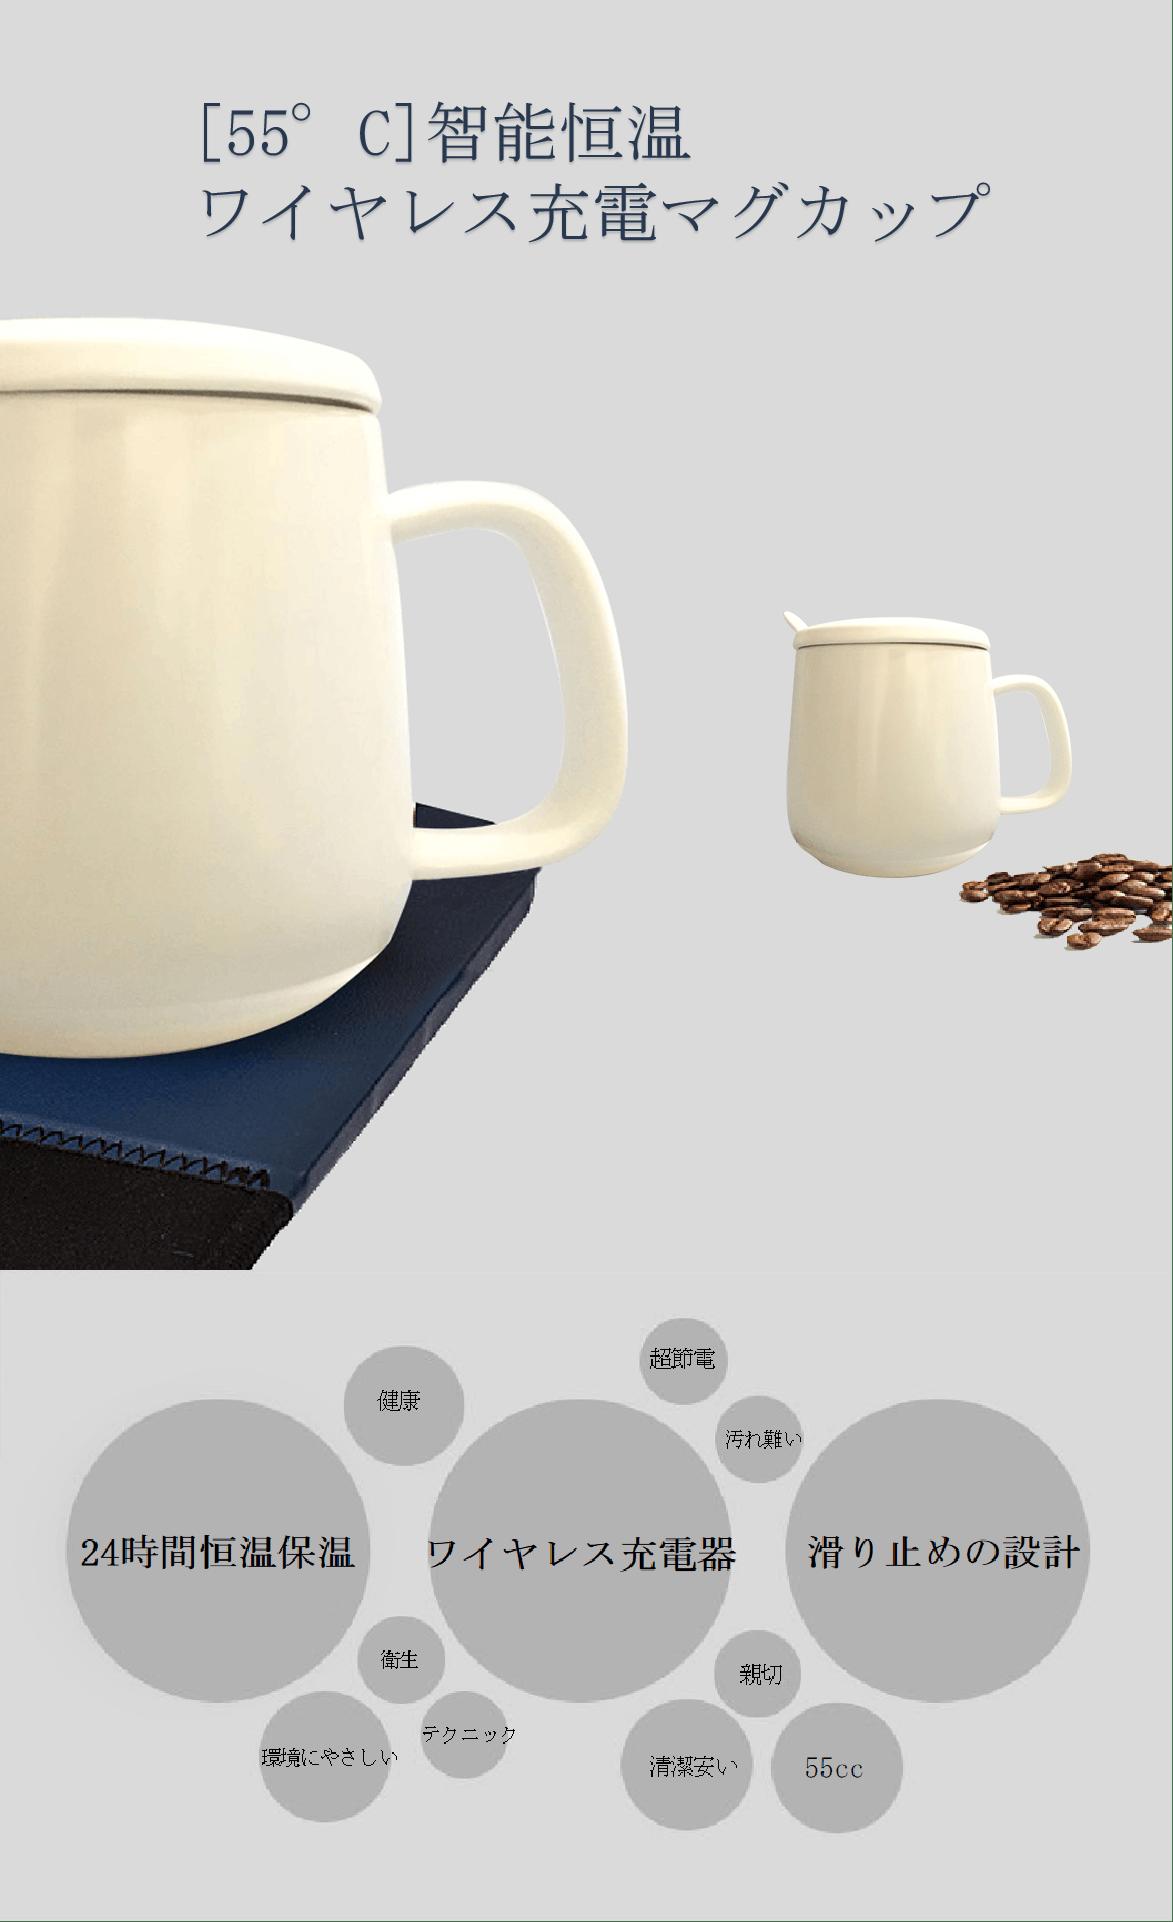 さらに専用のマグカップで飲み物の温めを